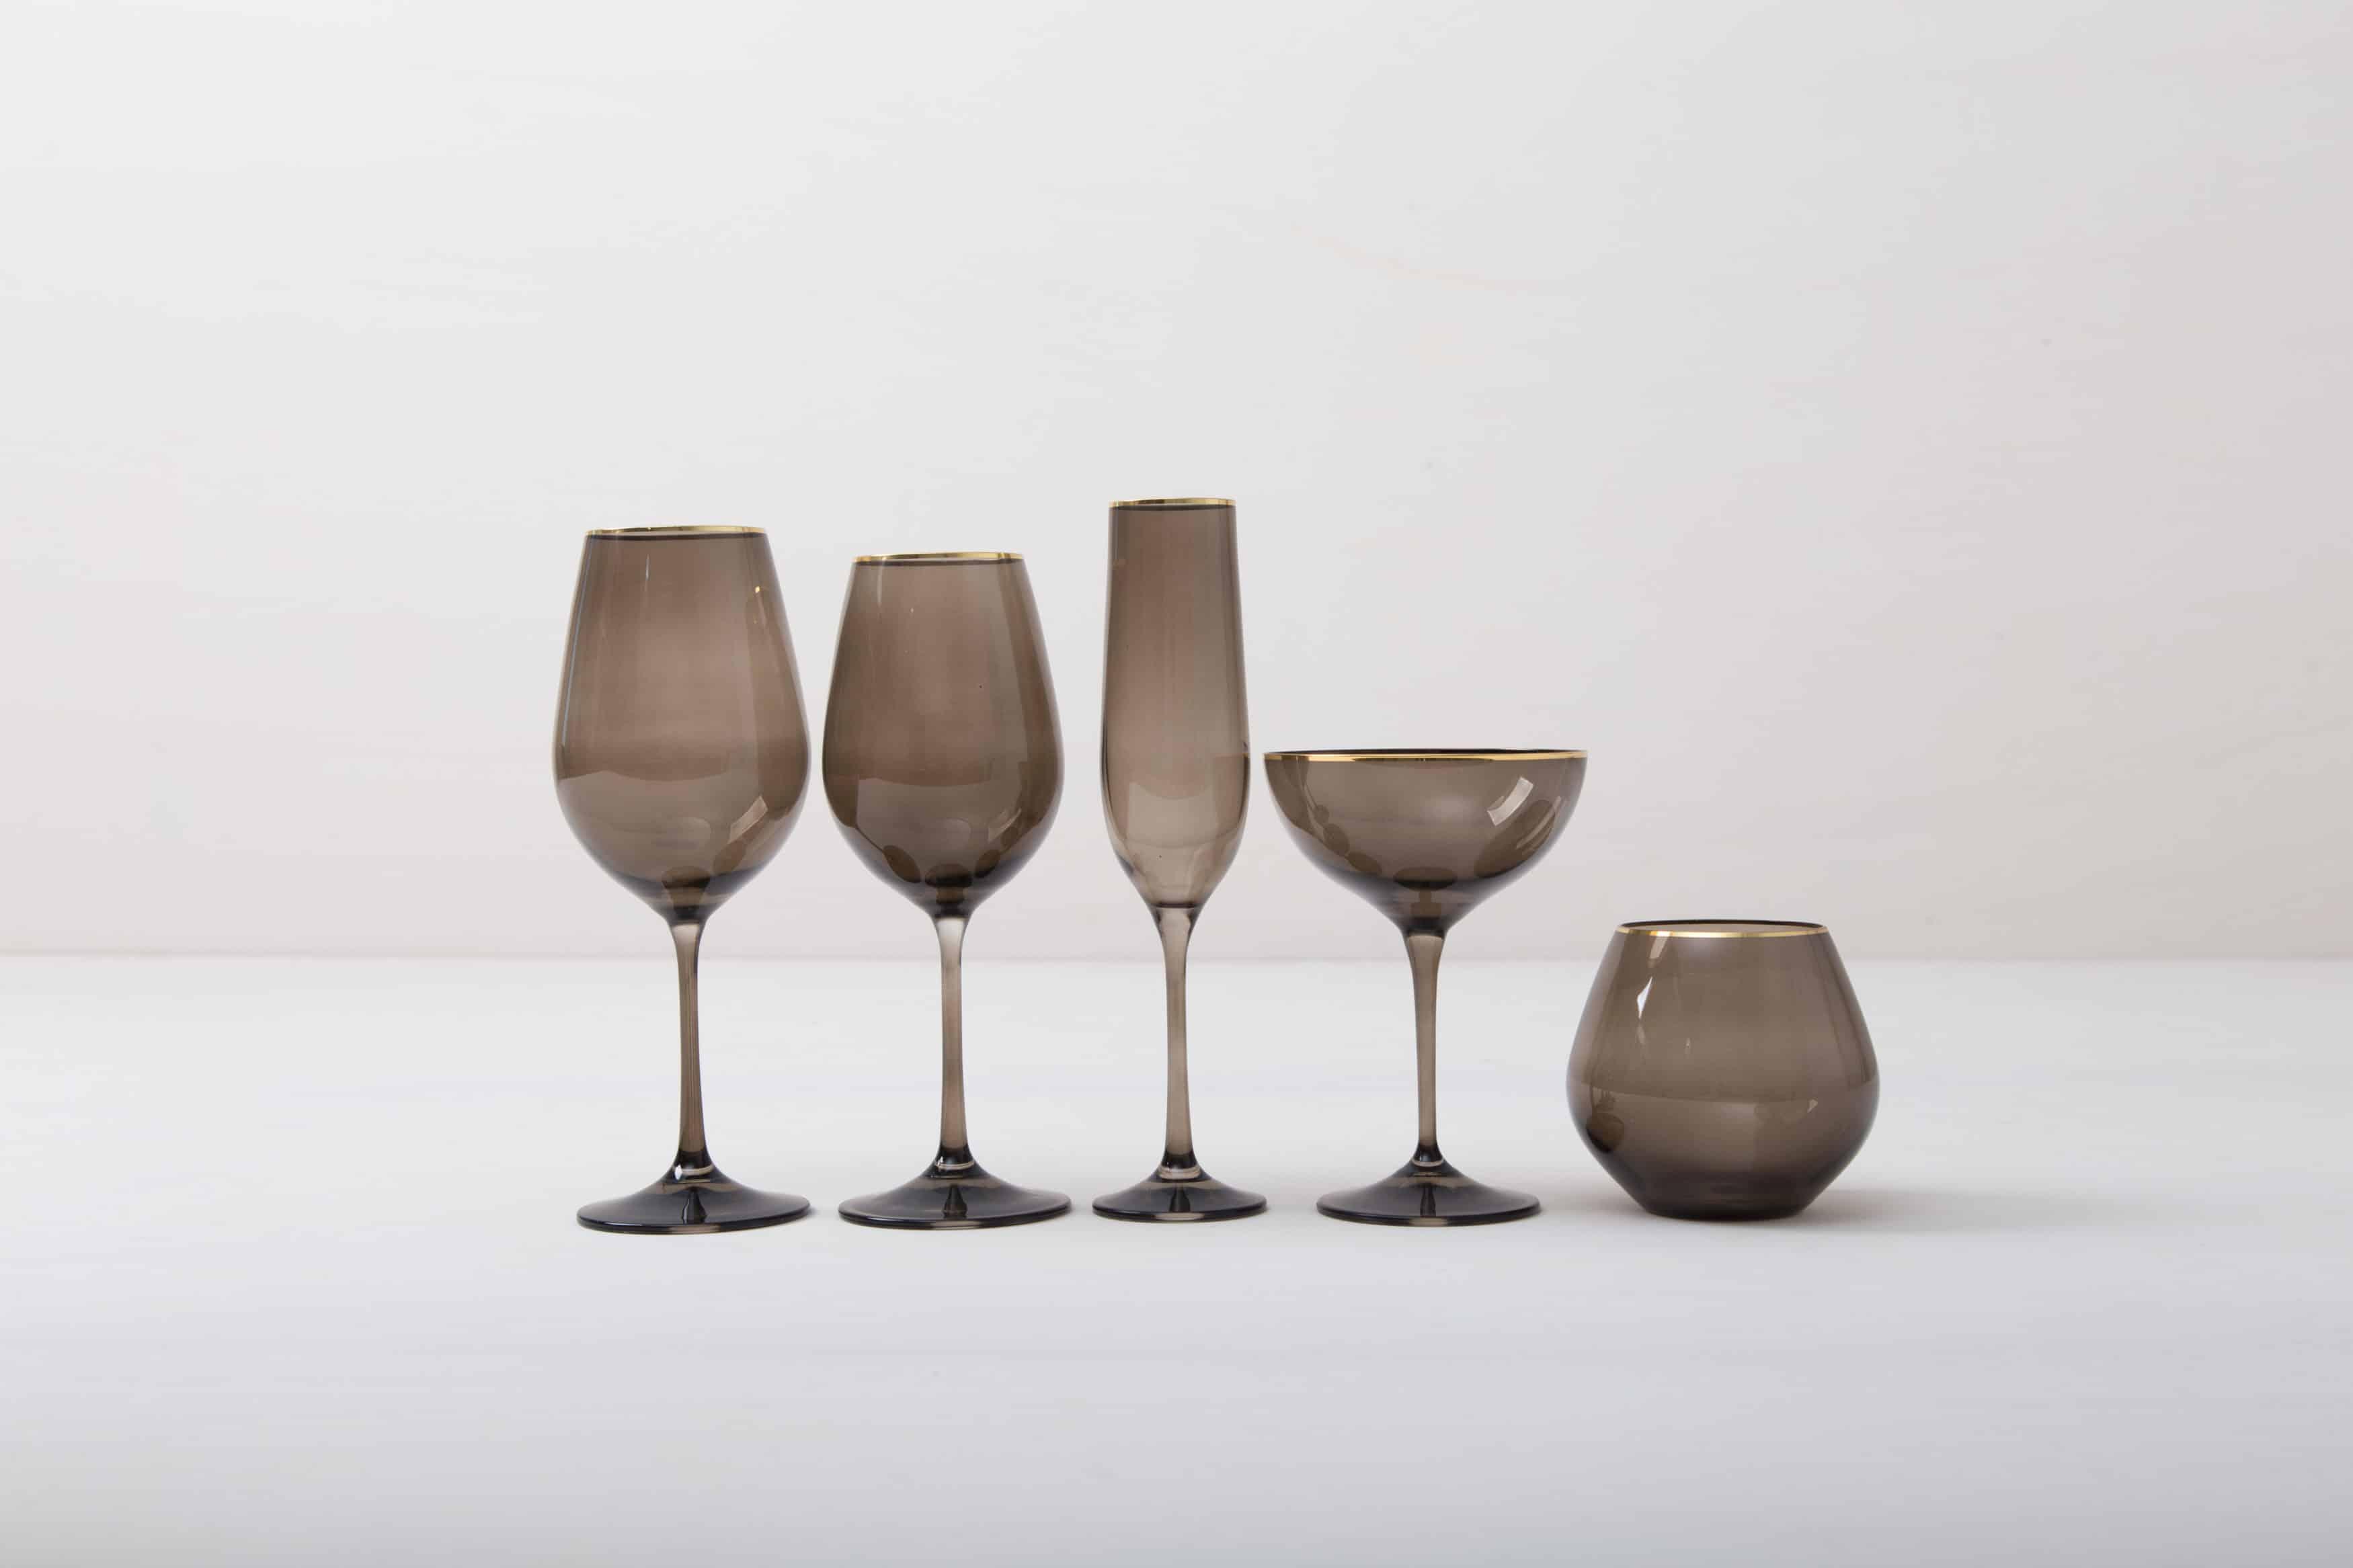 Gläser für Events, Empfänge und Hochzeiten mieten